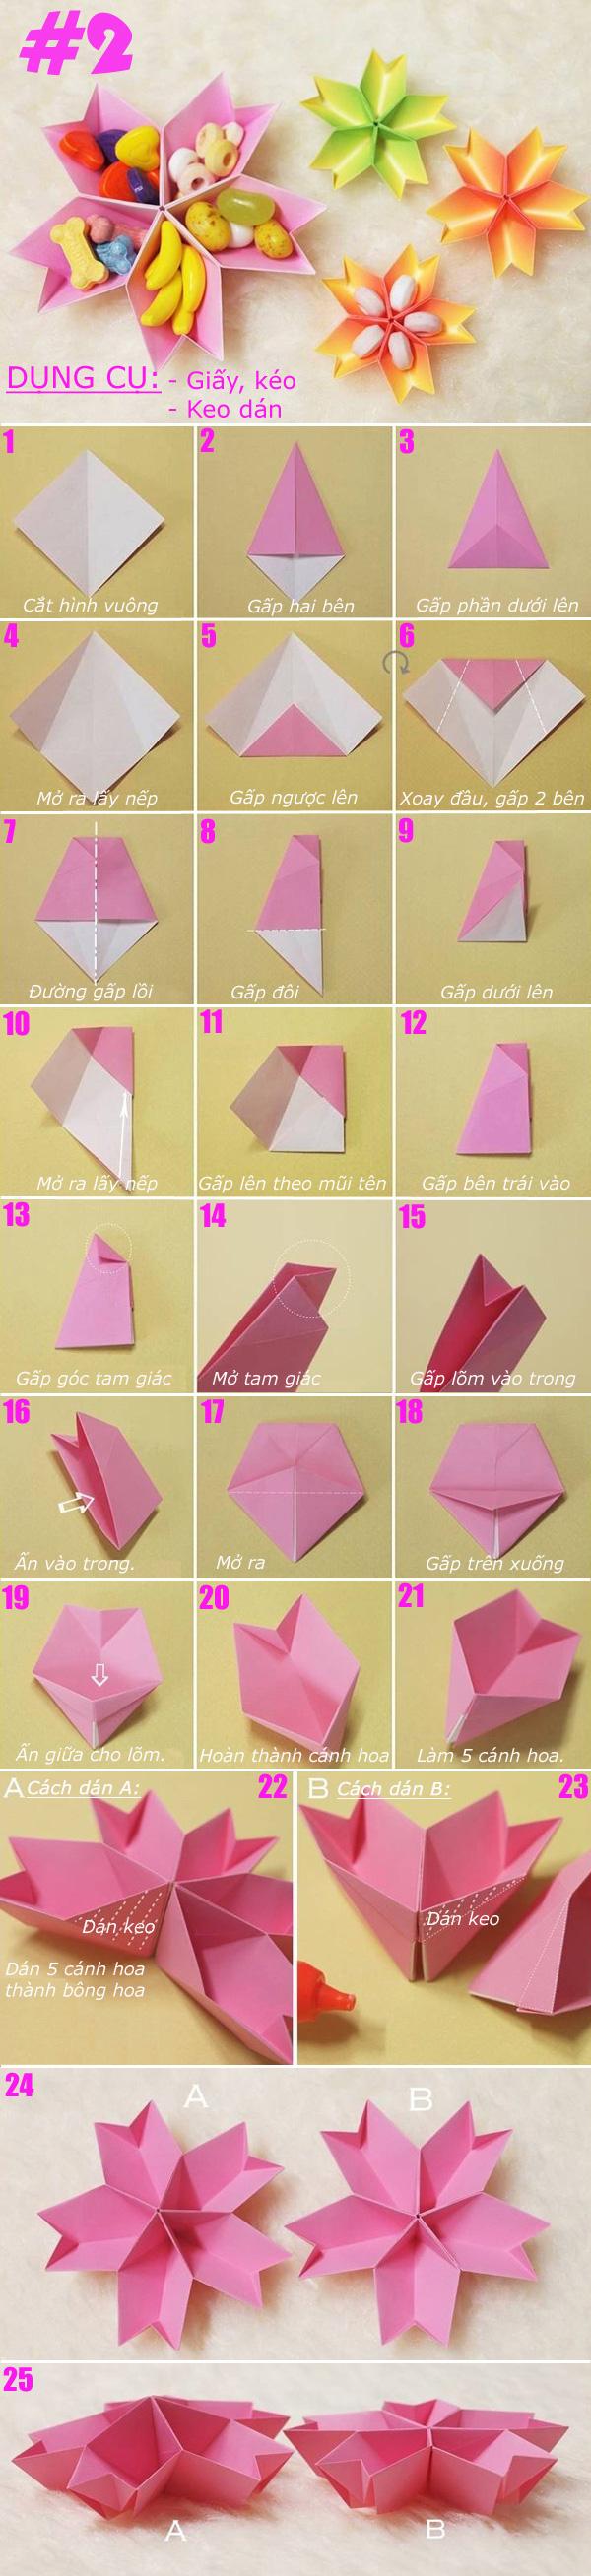 Gấp giấy thành đủ kiểu hộp đựng đồ hữu ích 2